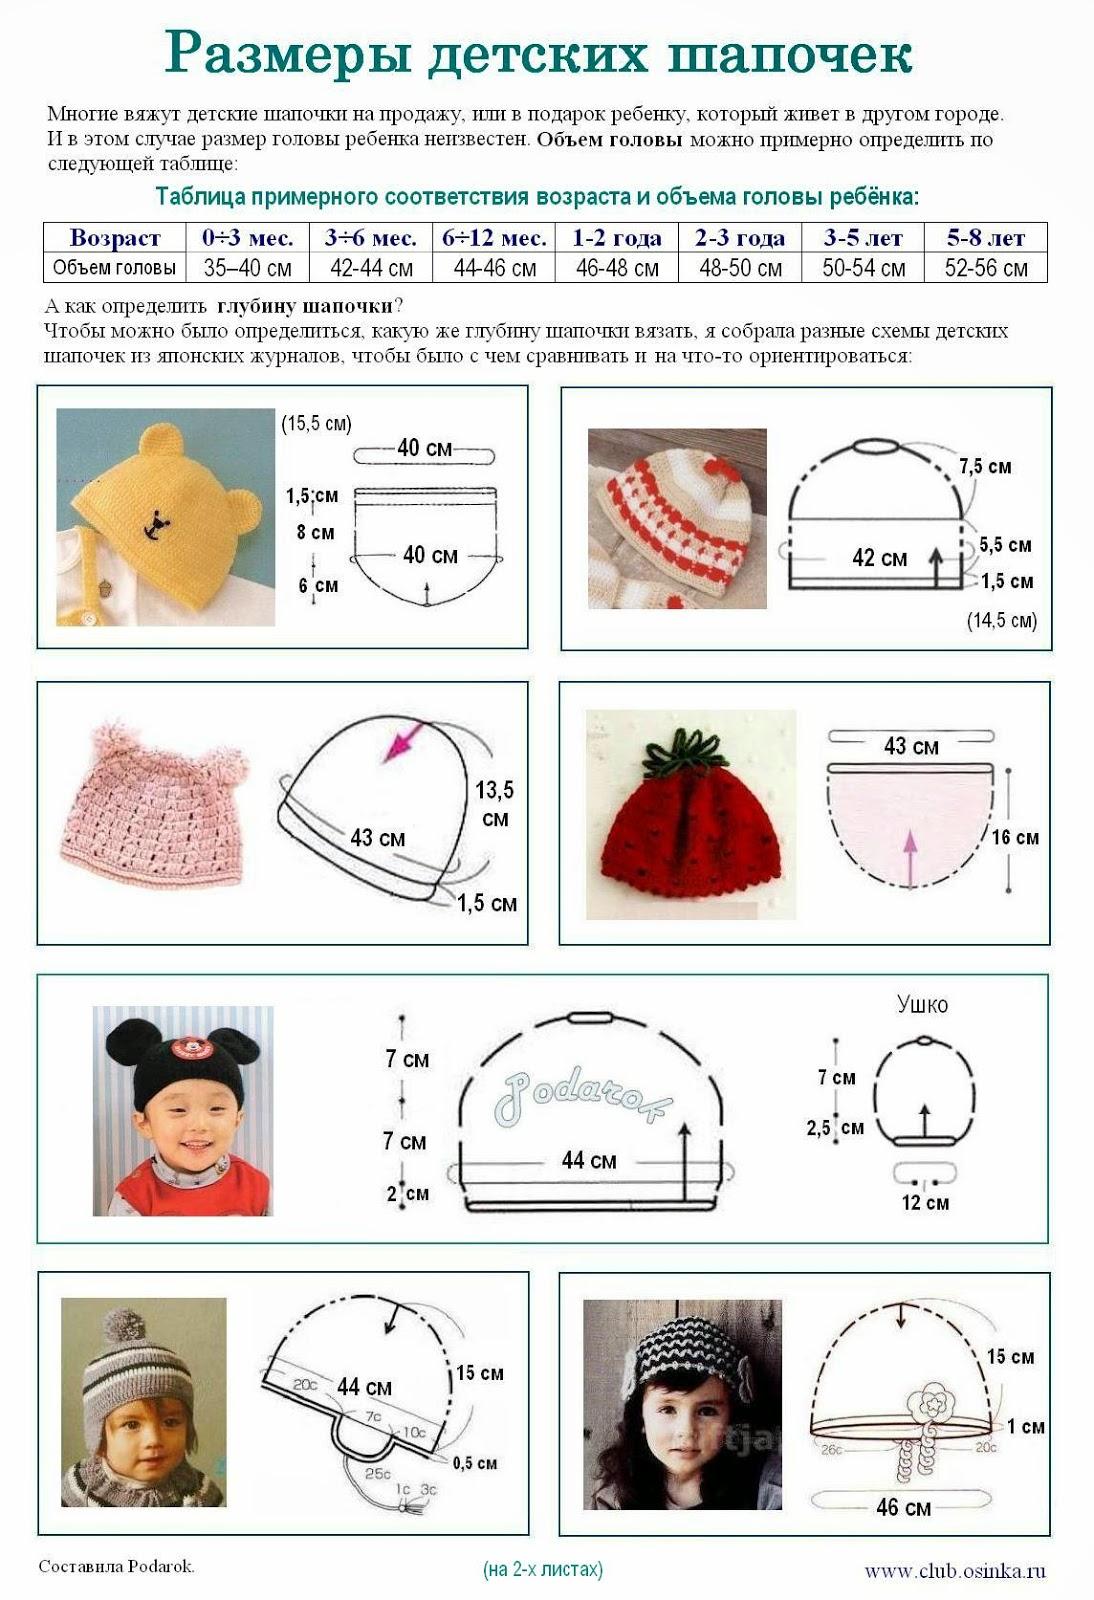 размеры детских шапок